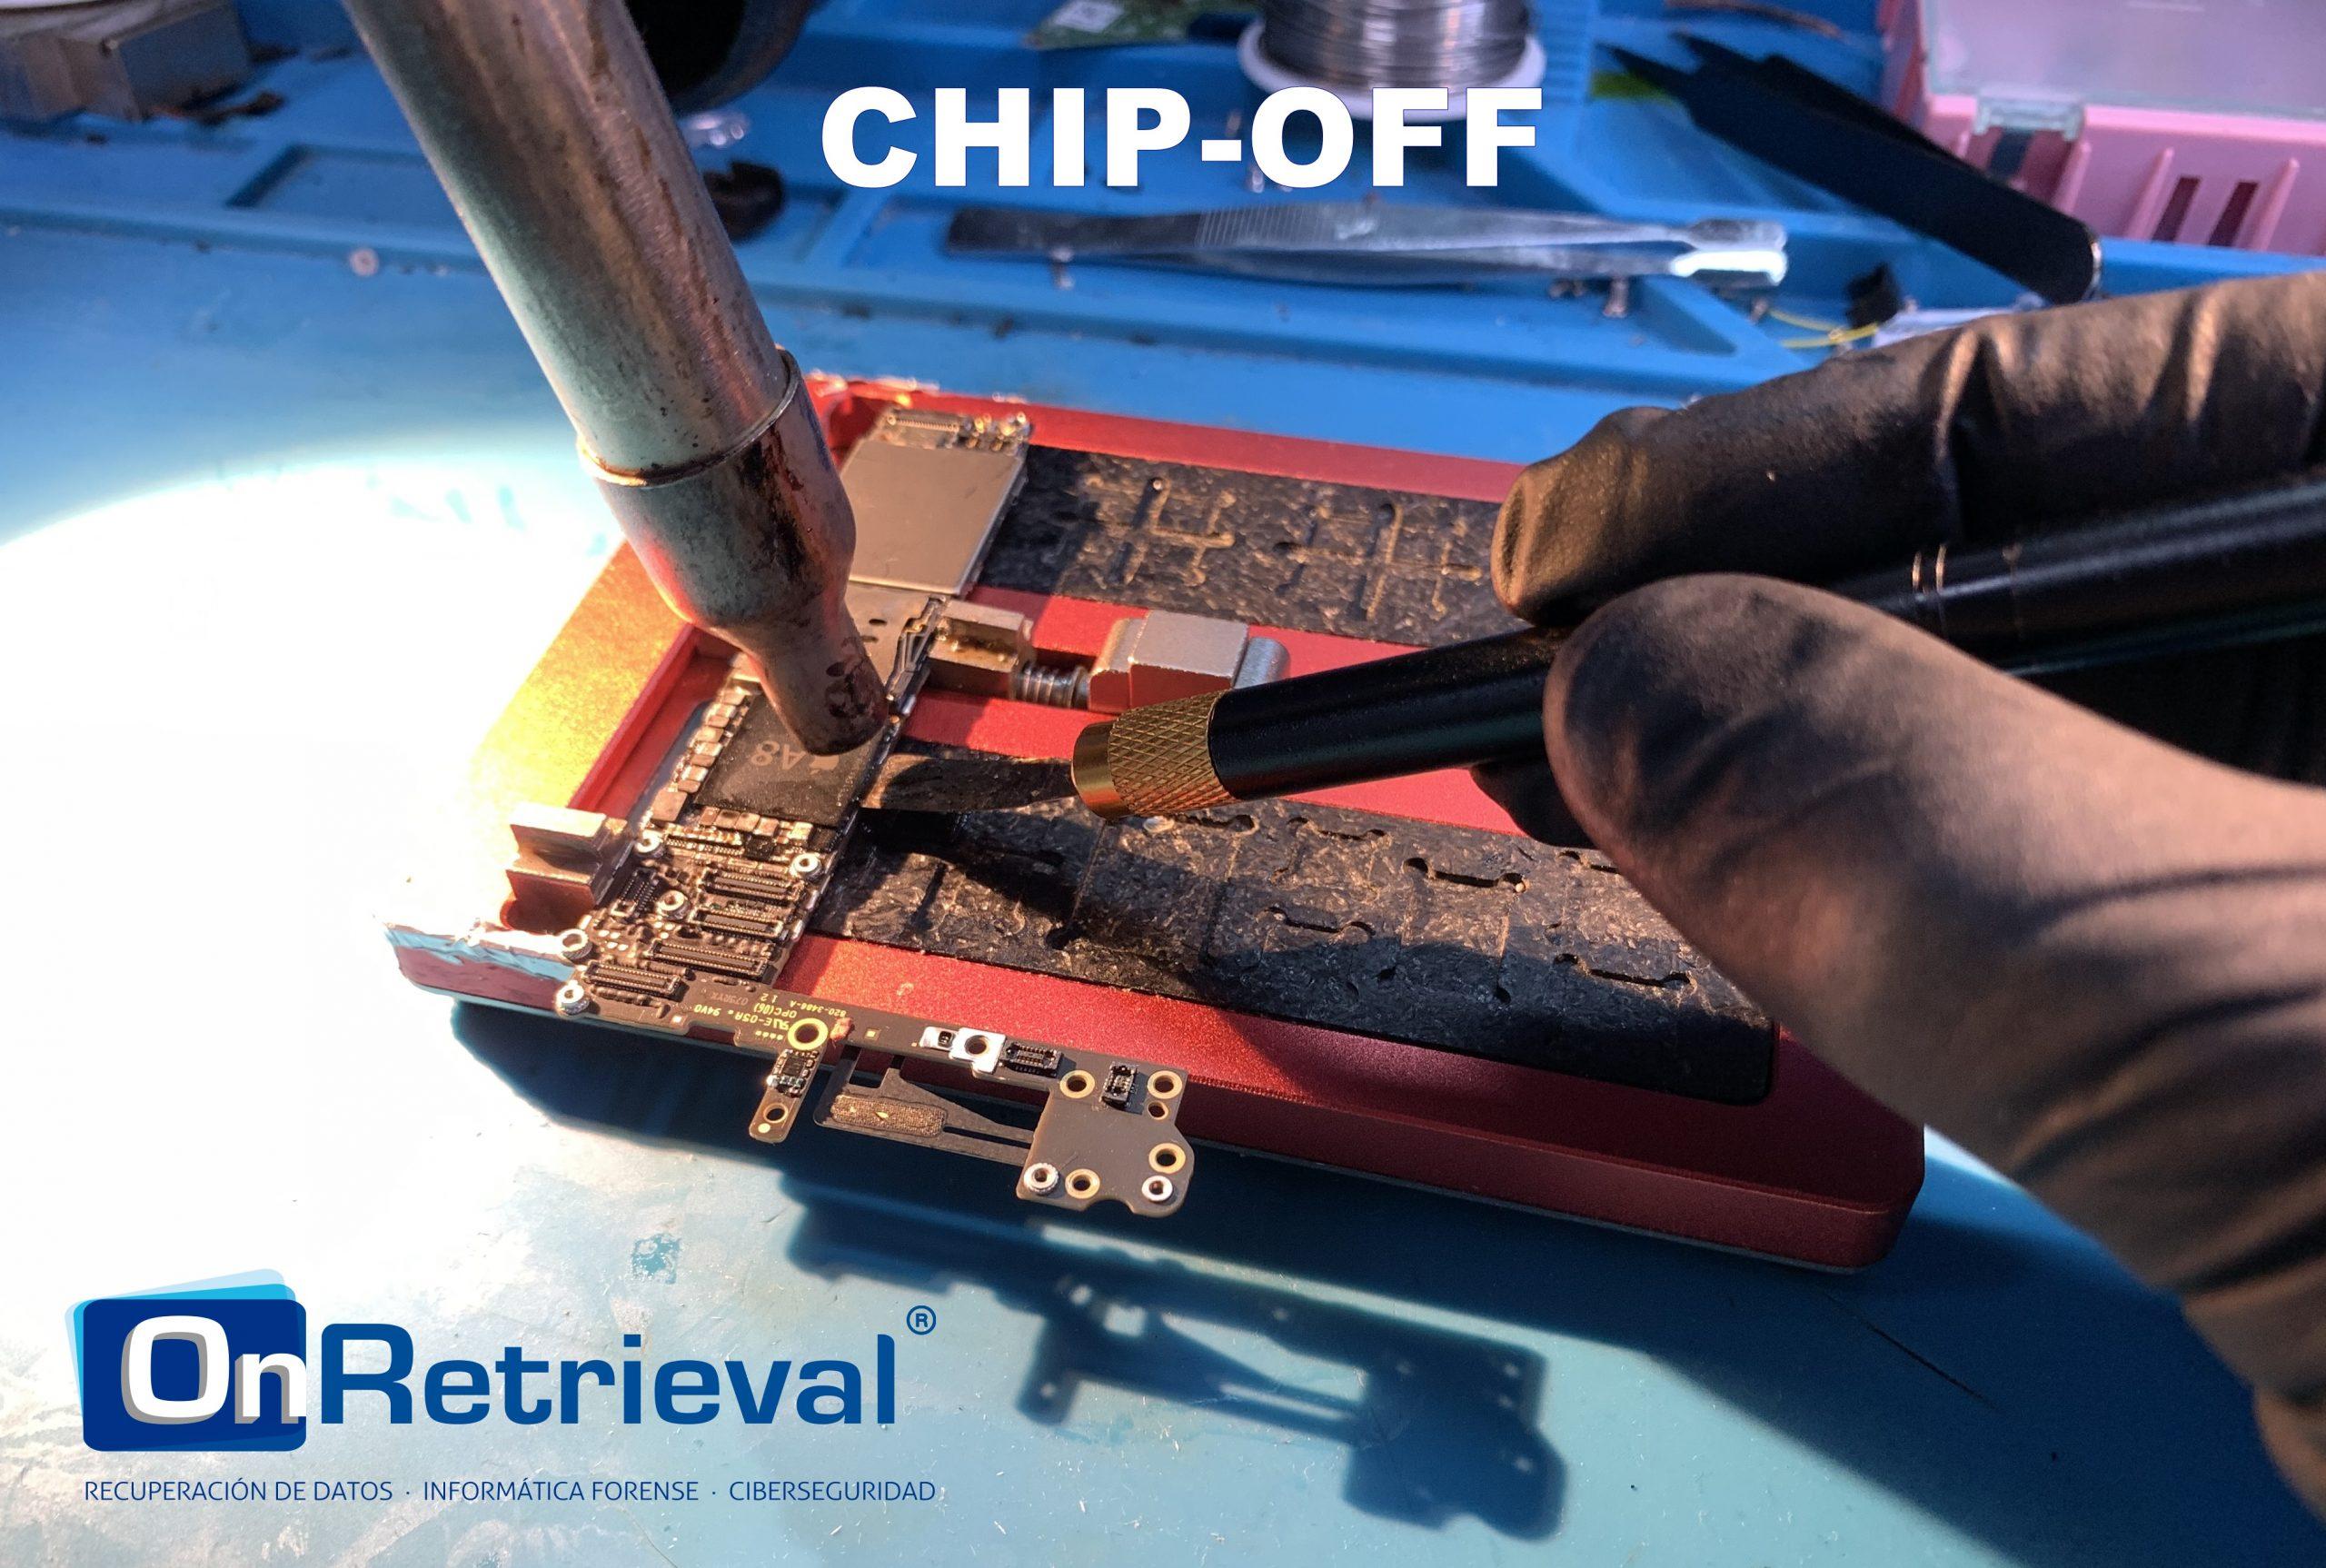 Técnica Chip-off para recuperación de datos.